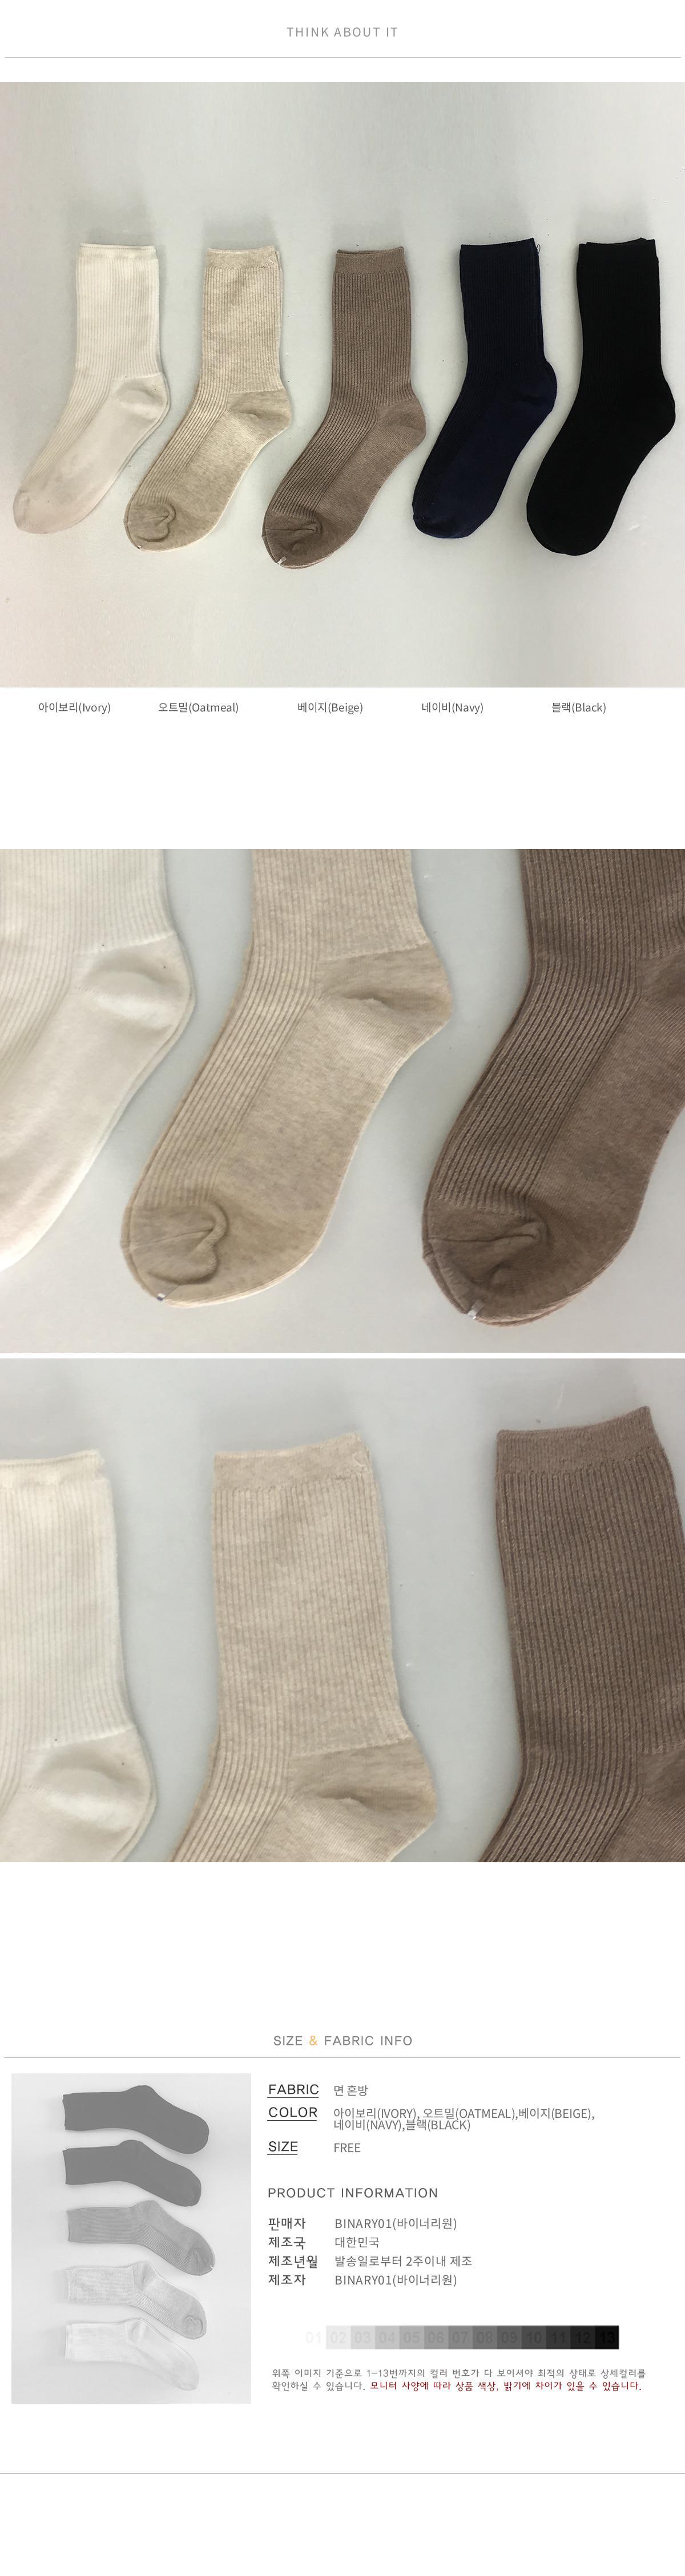 Mentor's plain socks